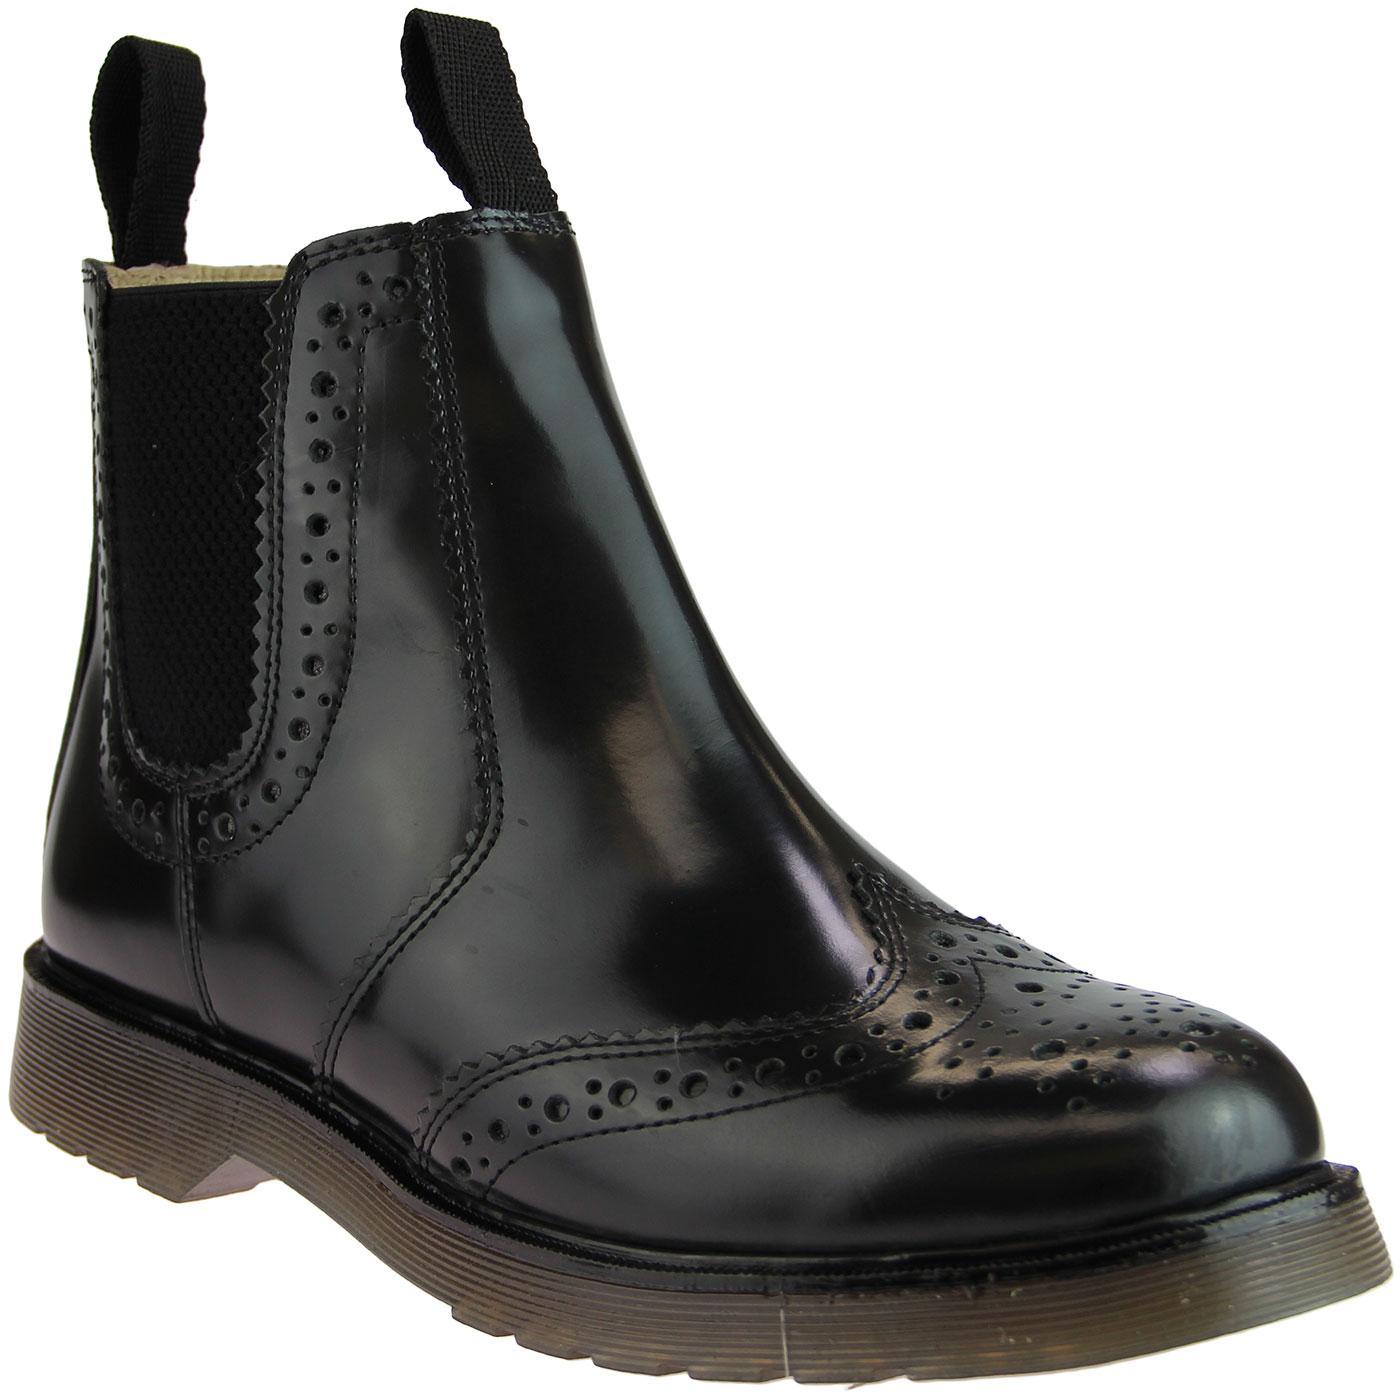 Men's Retro Mod Leather Brogue Chelsea Boots BLACK